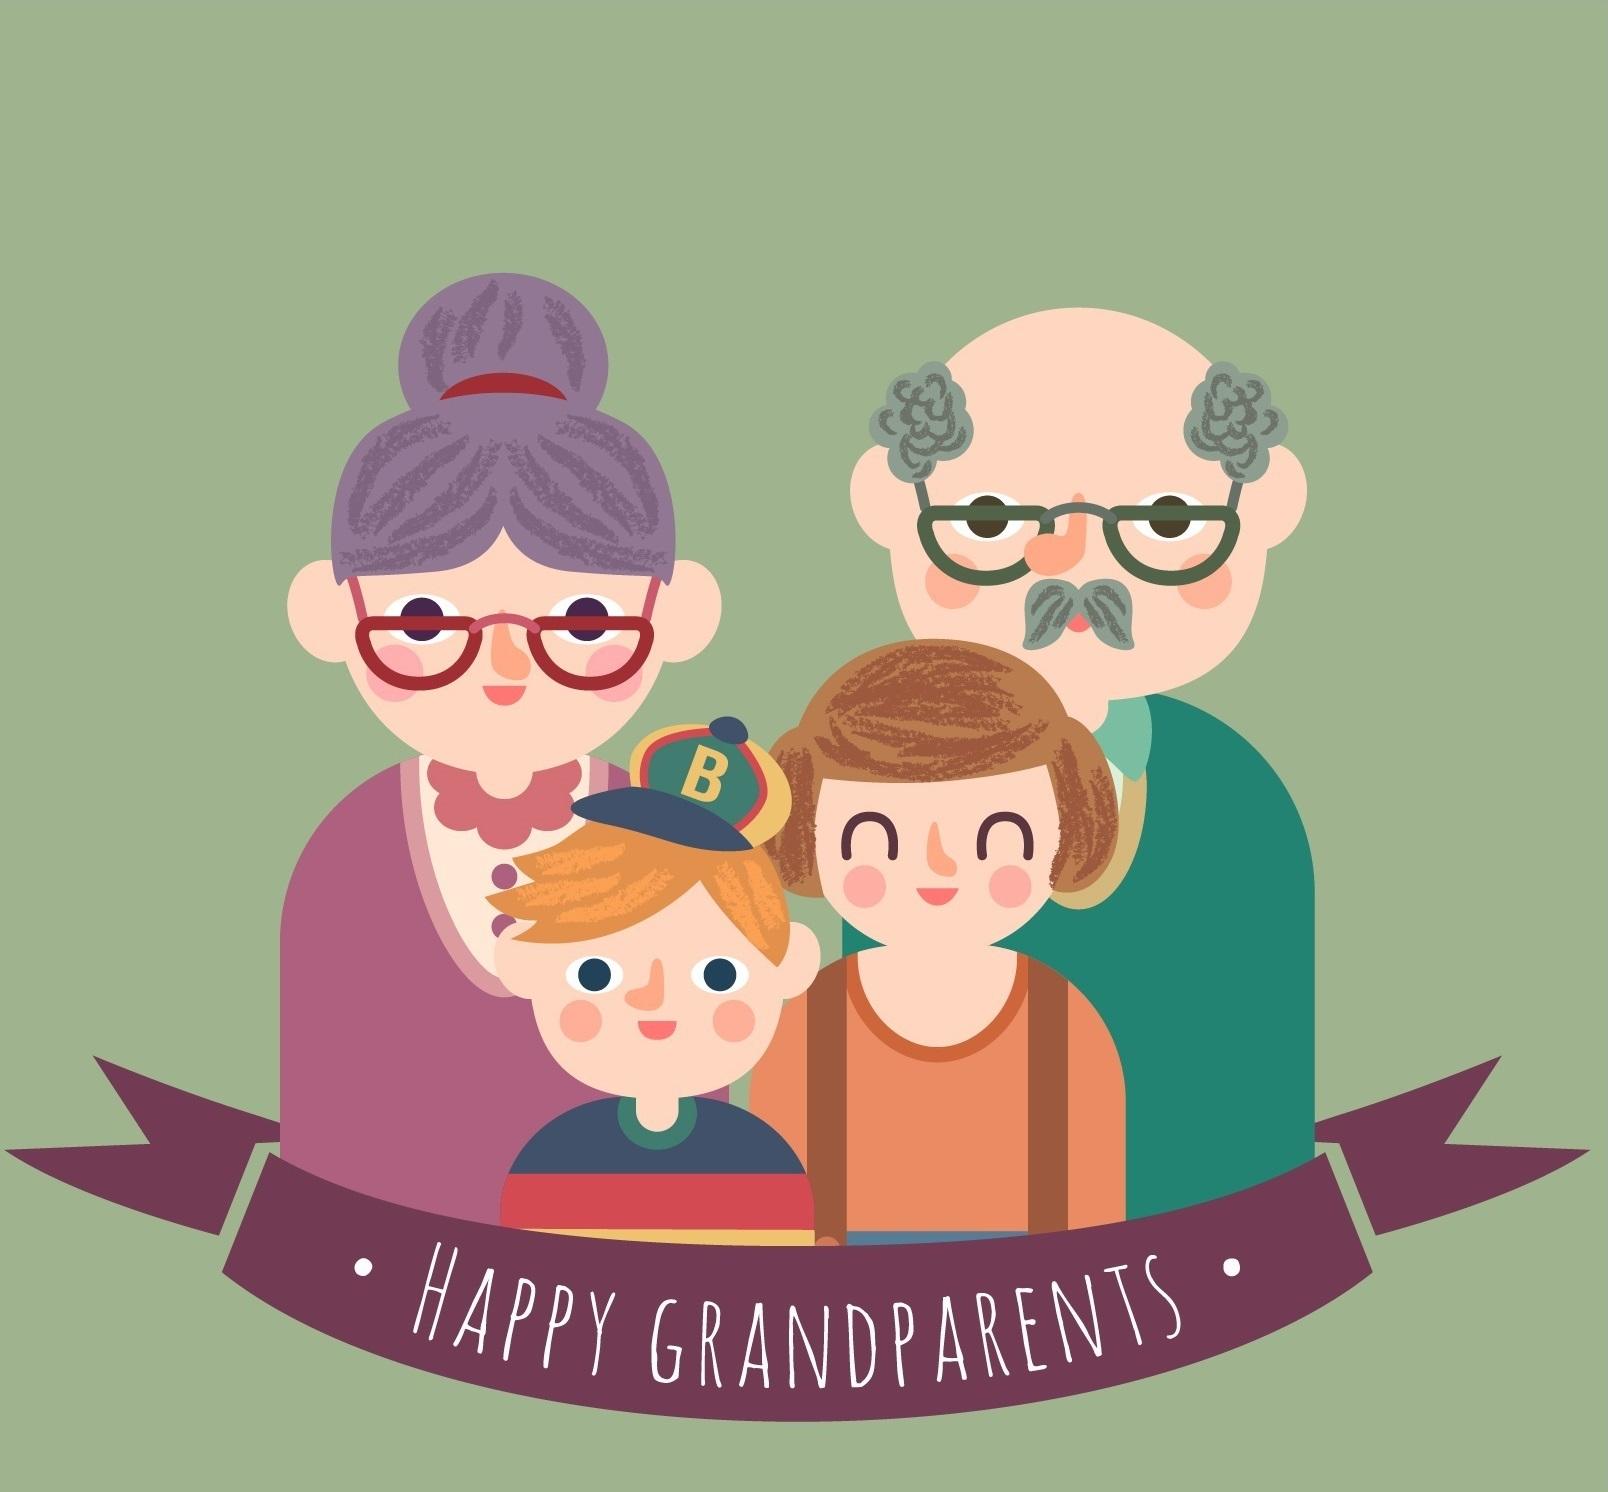 promocja dzień babci i dziadka